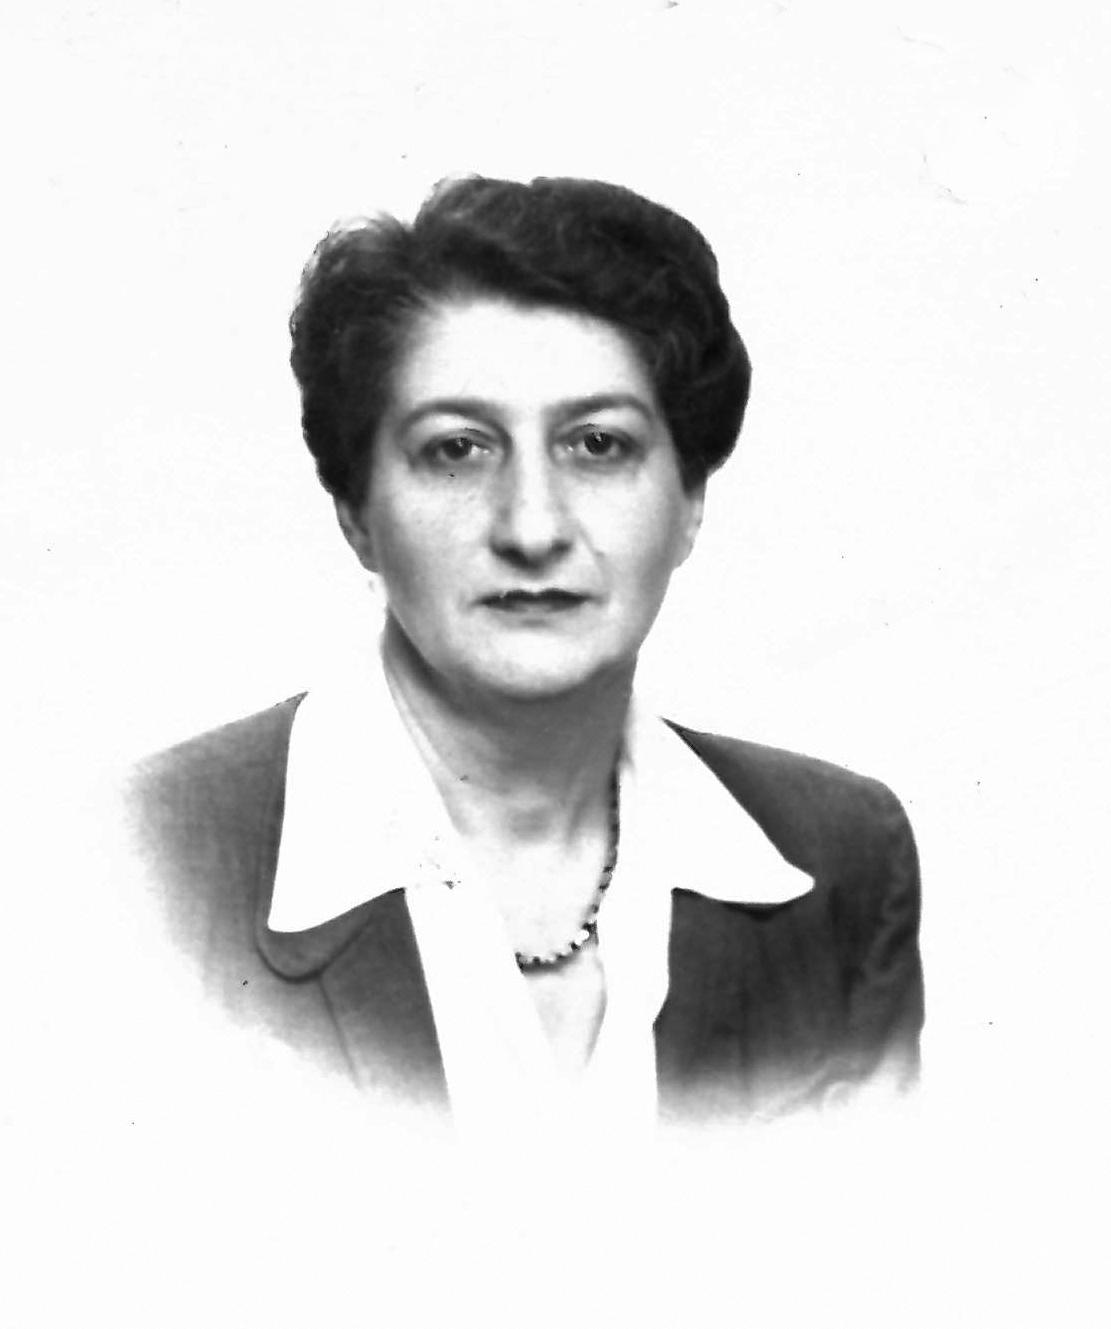 Denise Ravage